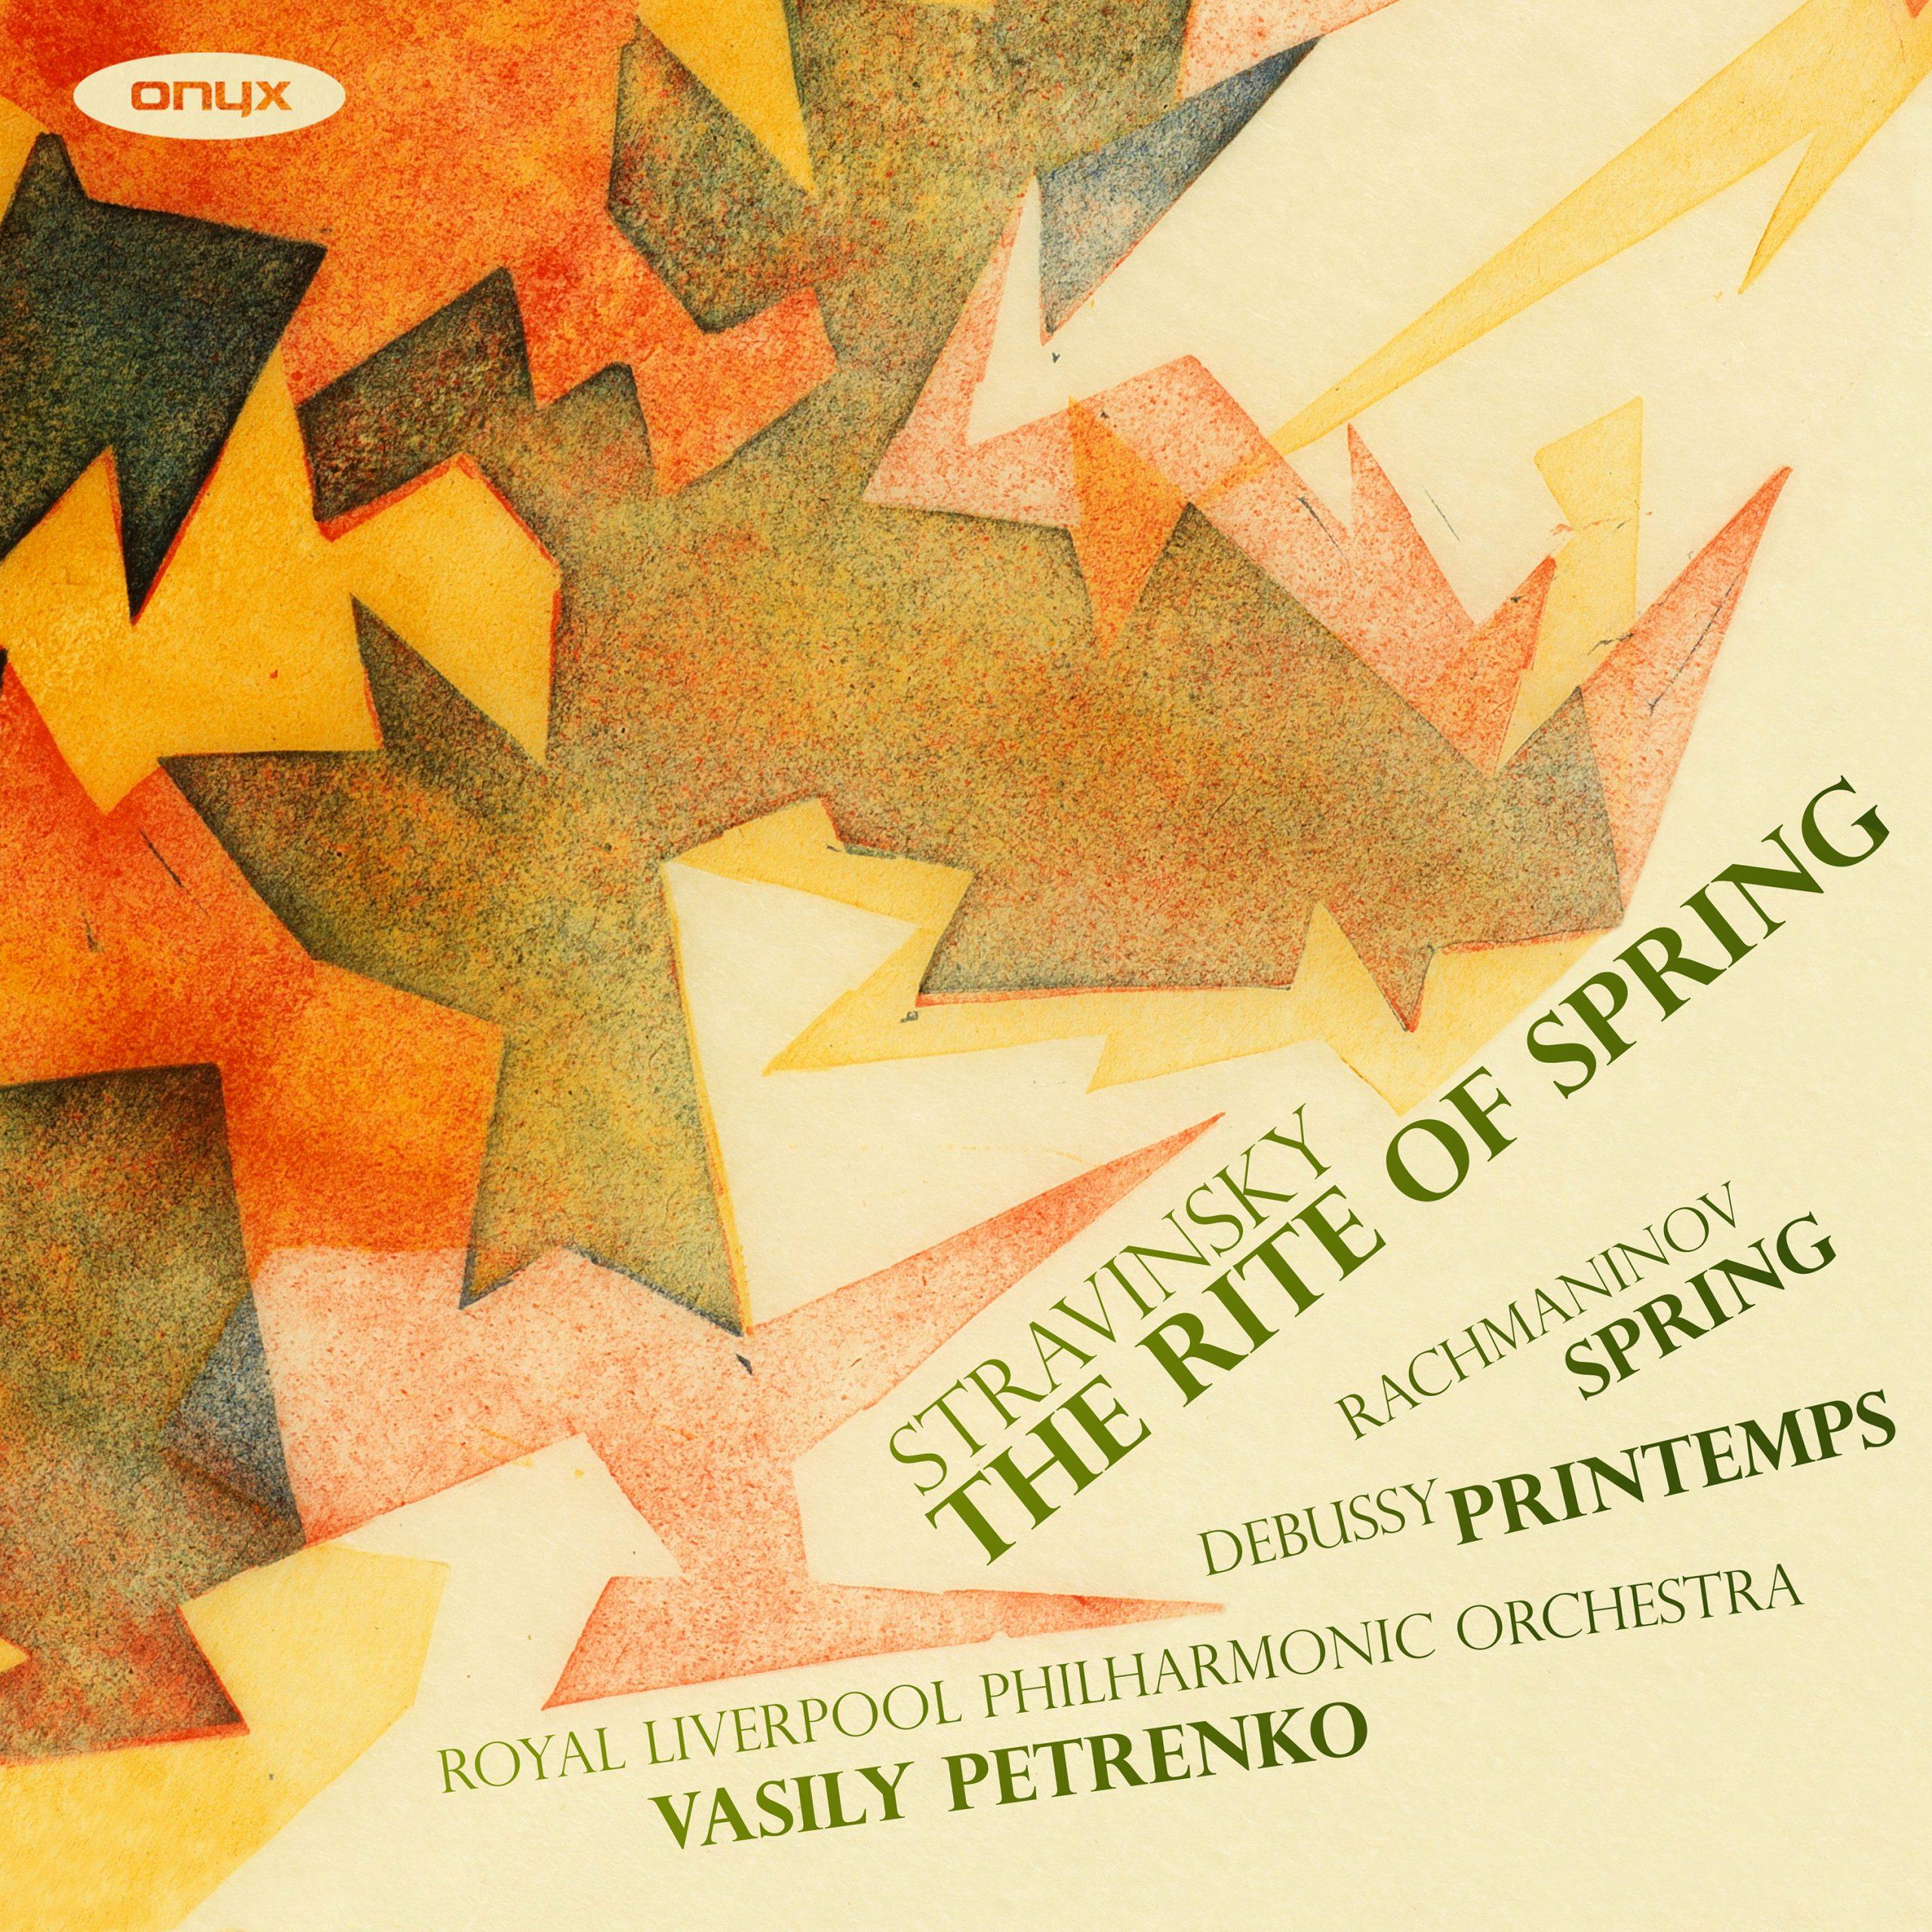 Stravinsky: Le Sacre du printemps / Rachmaninov: Spring / Debussy: Printemps